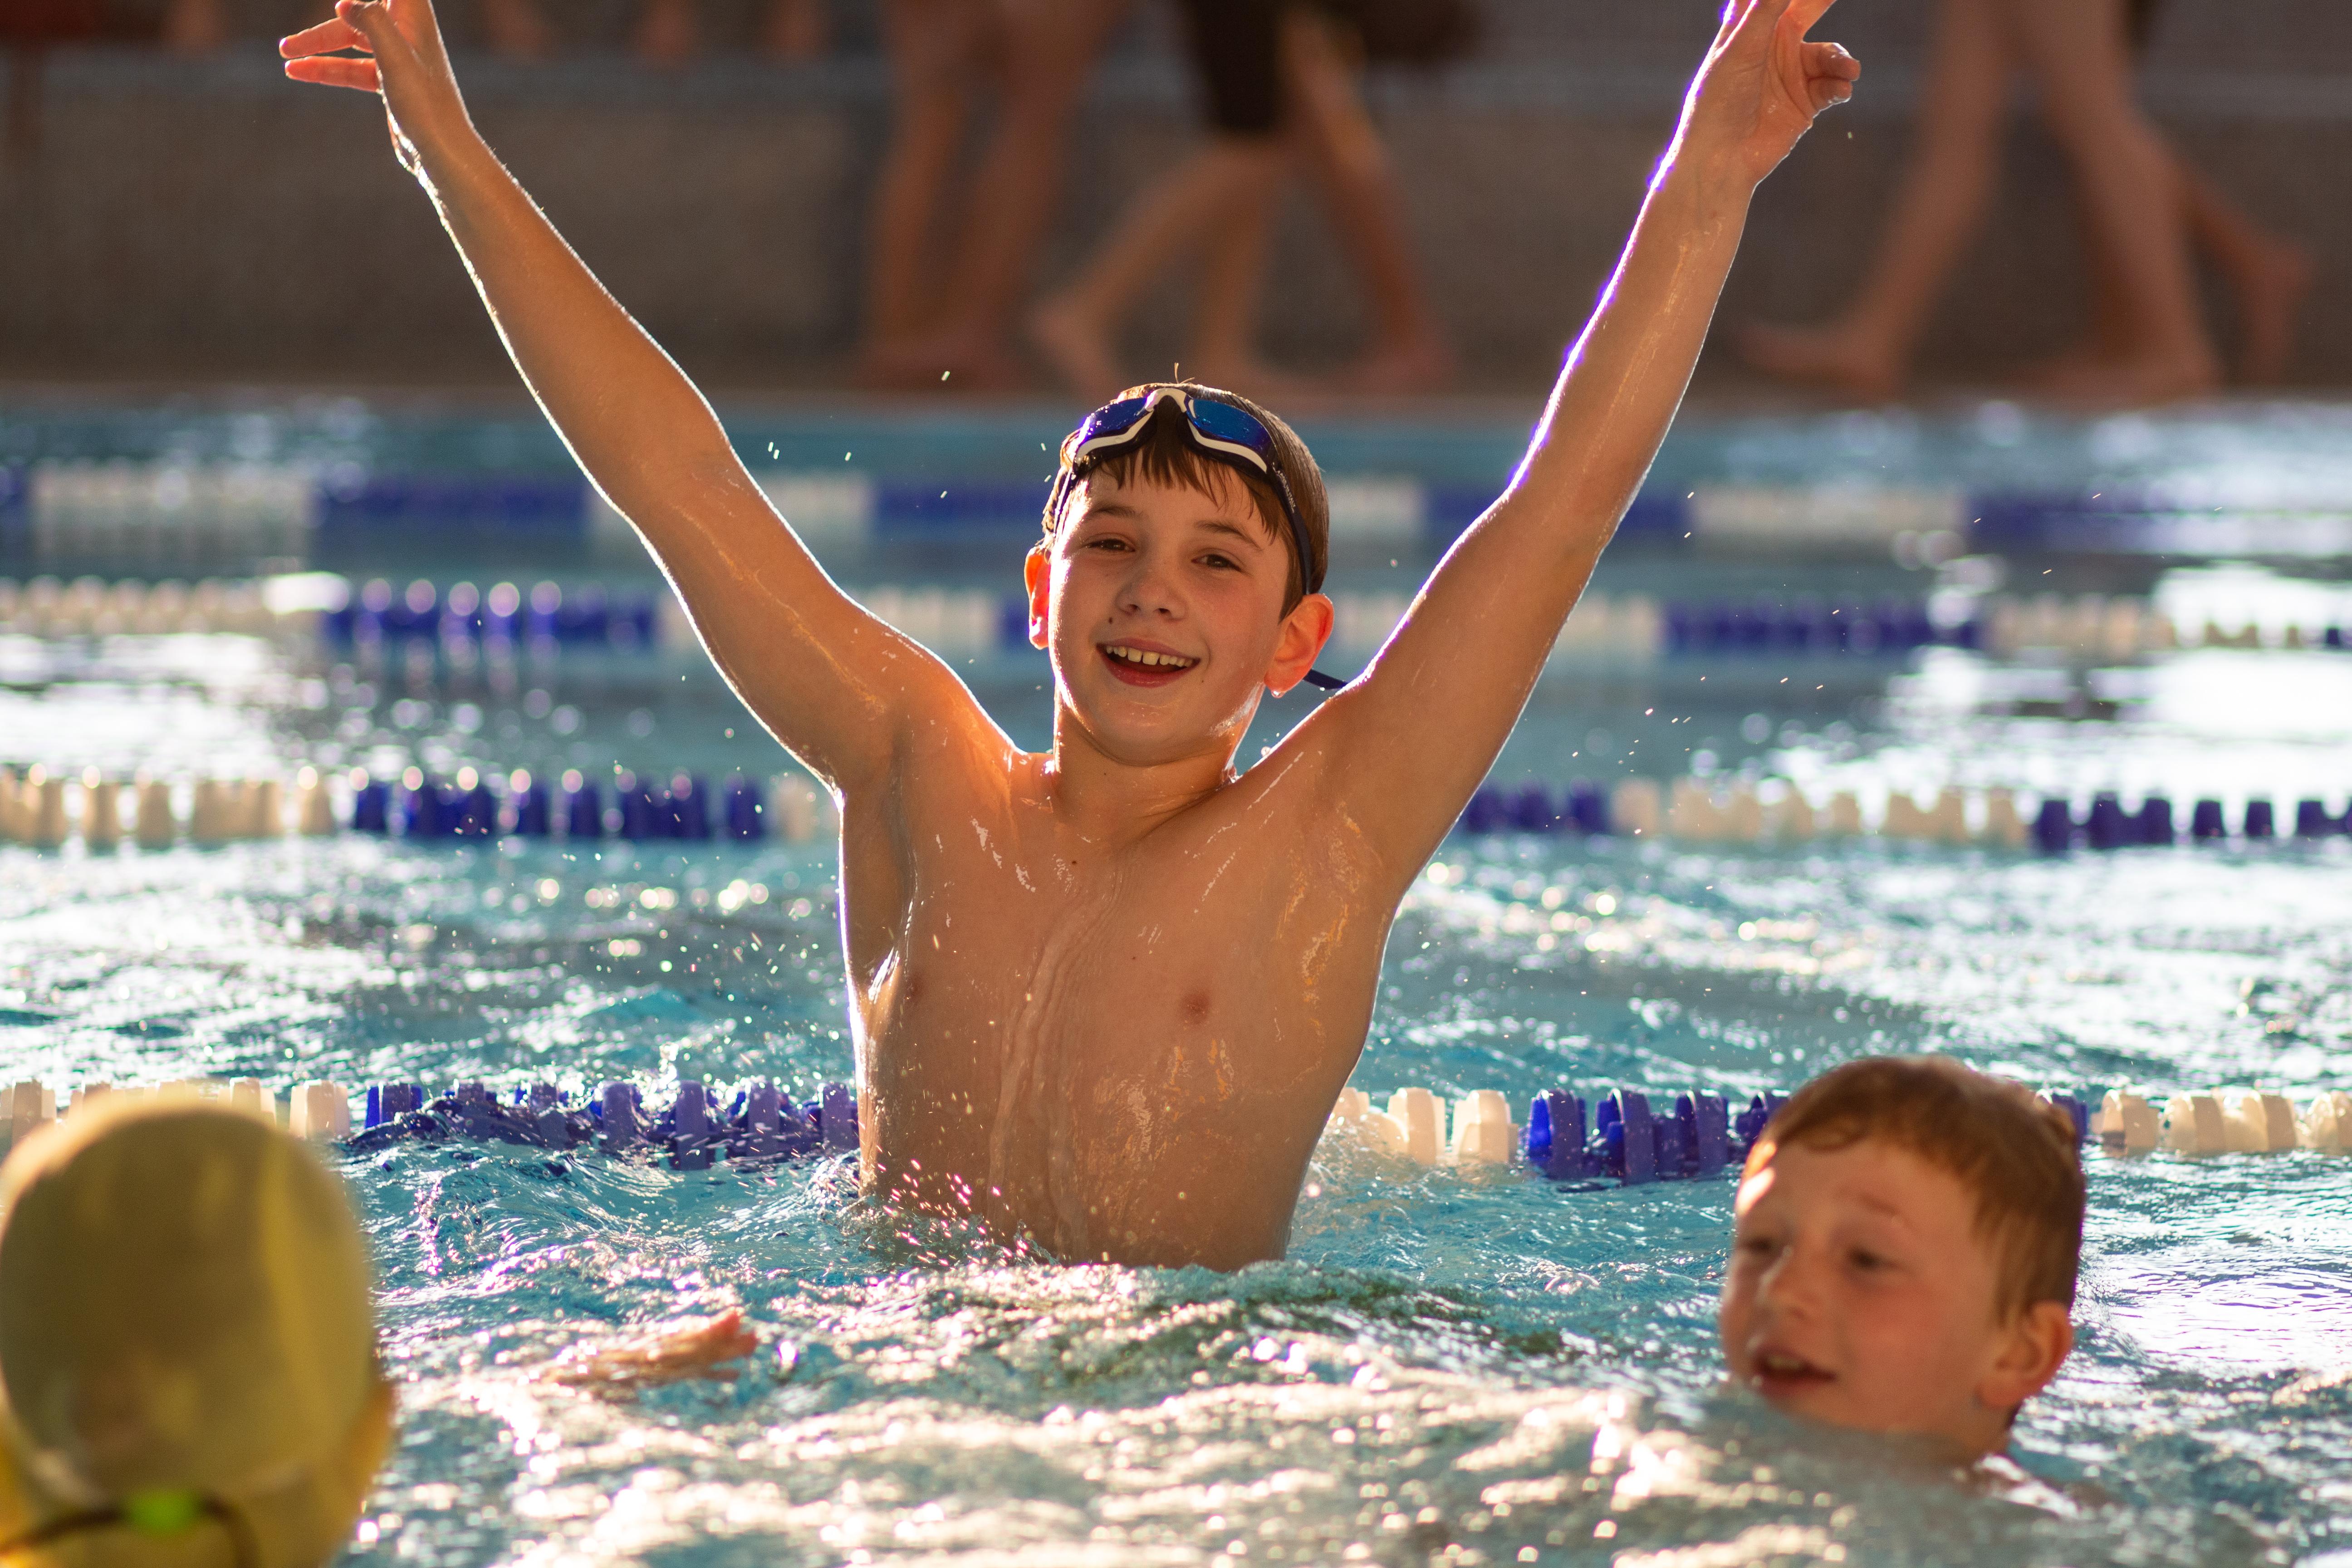 Vyhráli jsme Velikonoční plavecké štafety!